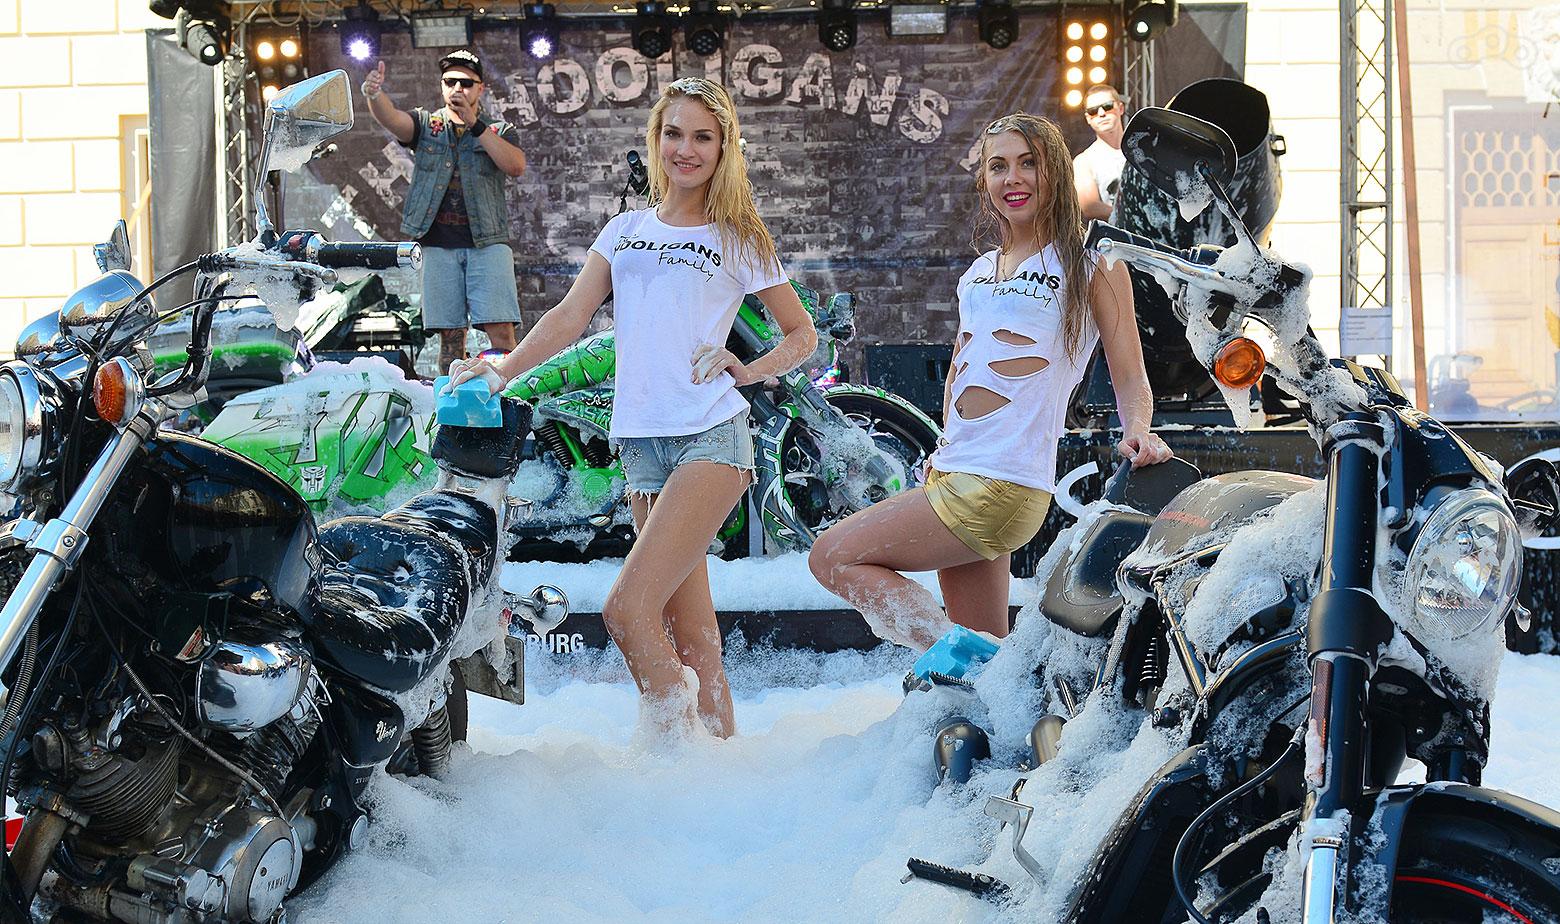 Картинки девушки моют мотоциклы — pic 15